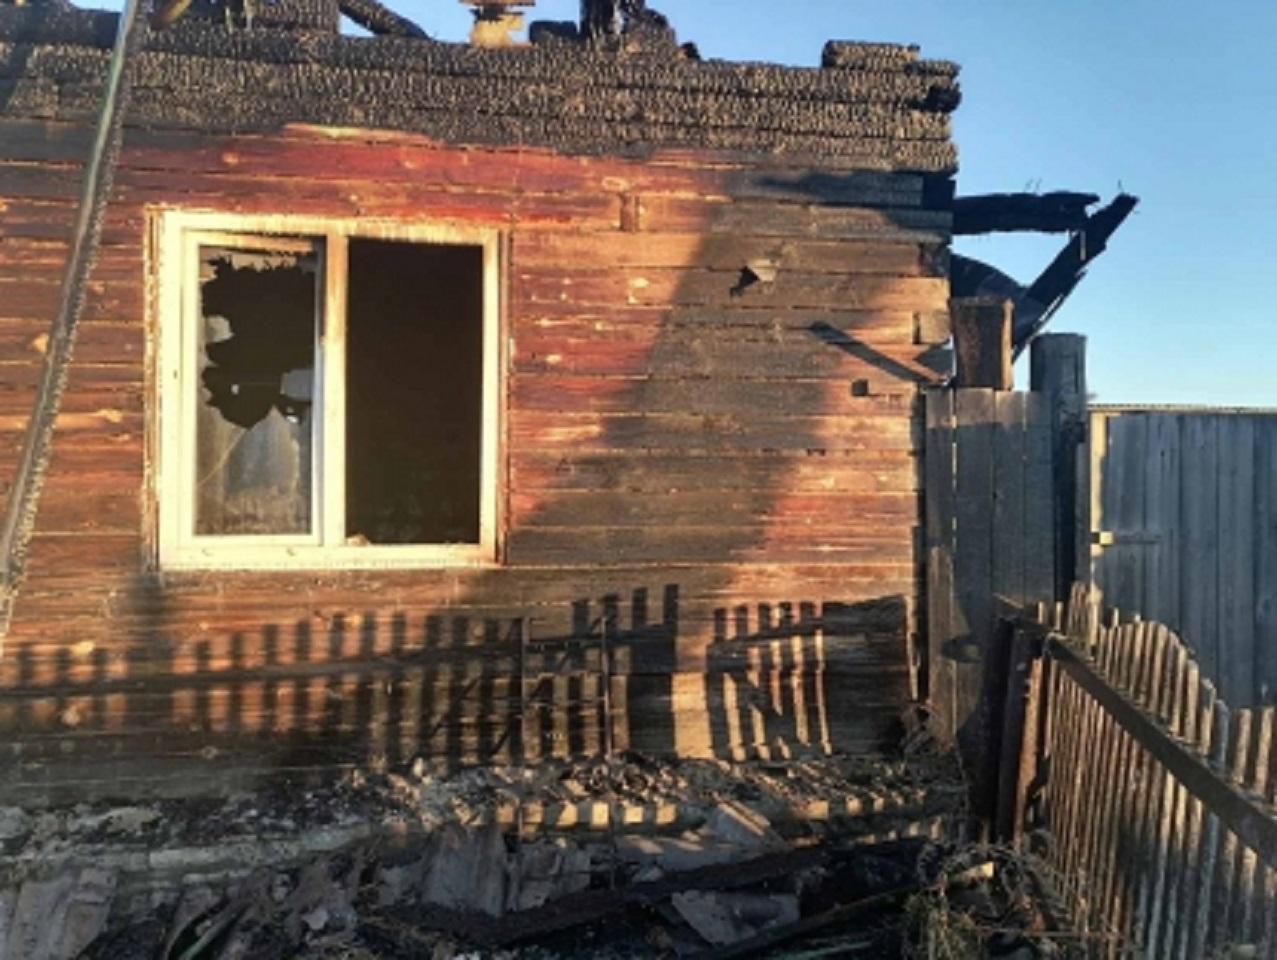 Дом вместе с хозяином сгорел не случайно: возбуждено дело об убийстве, под подозрением - женщина